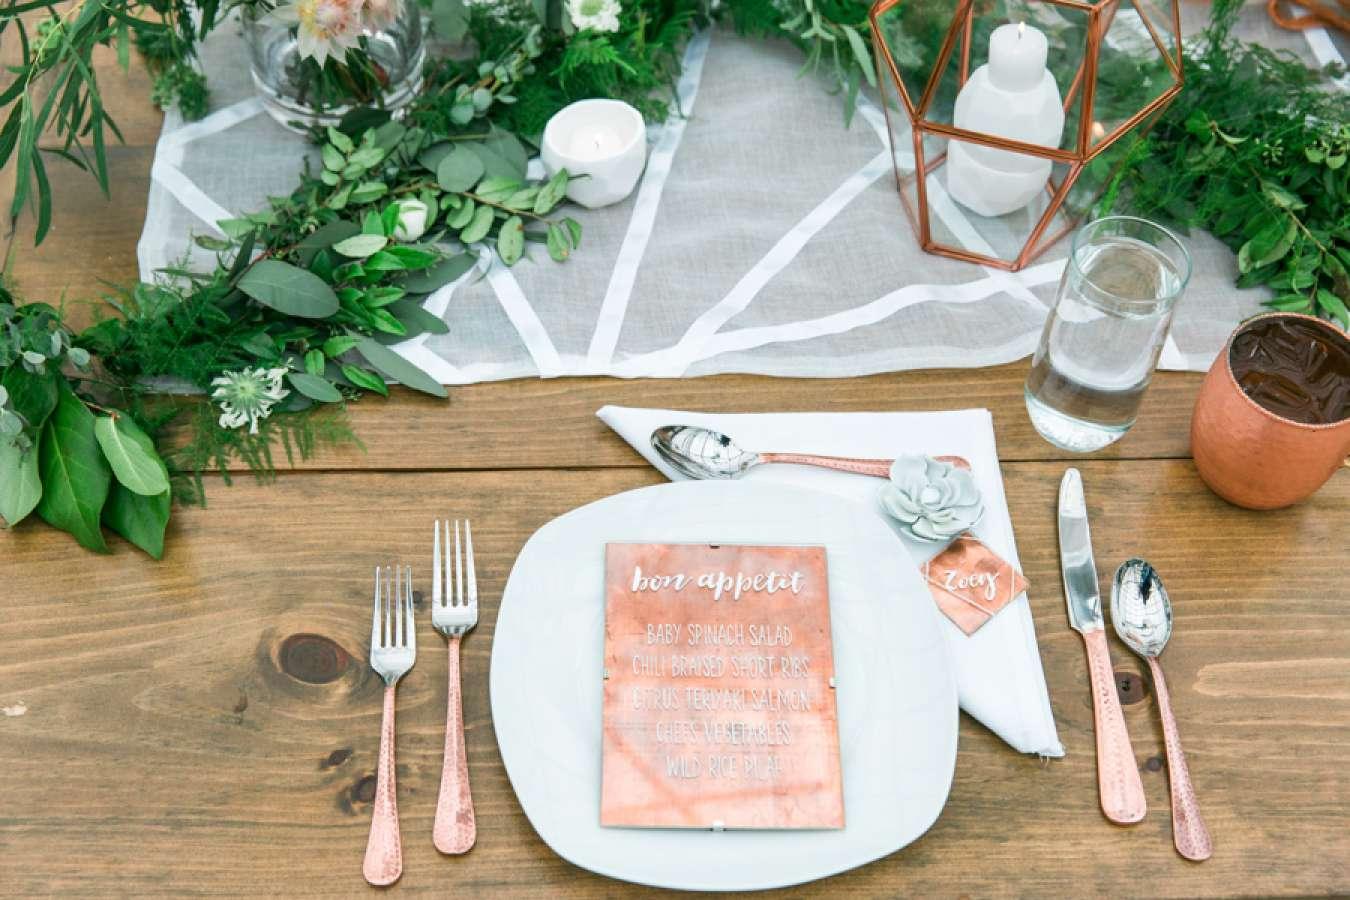 Copper and Rose Gold Wedding Menu